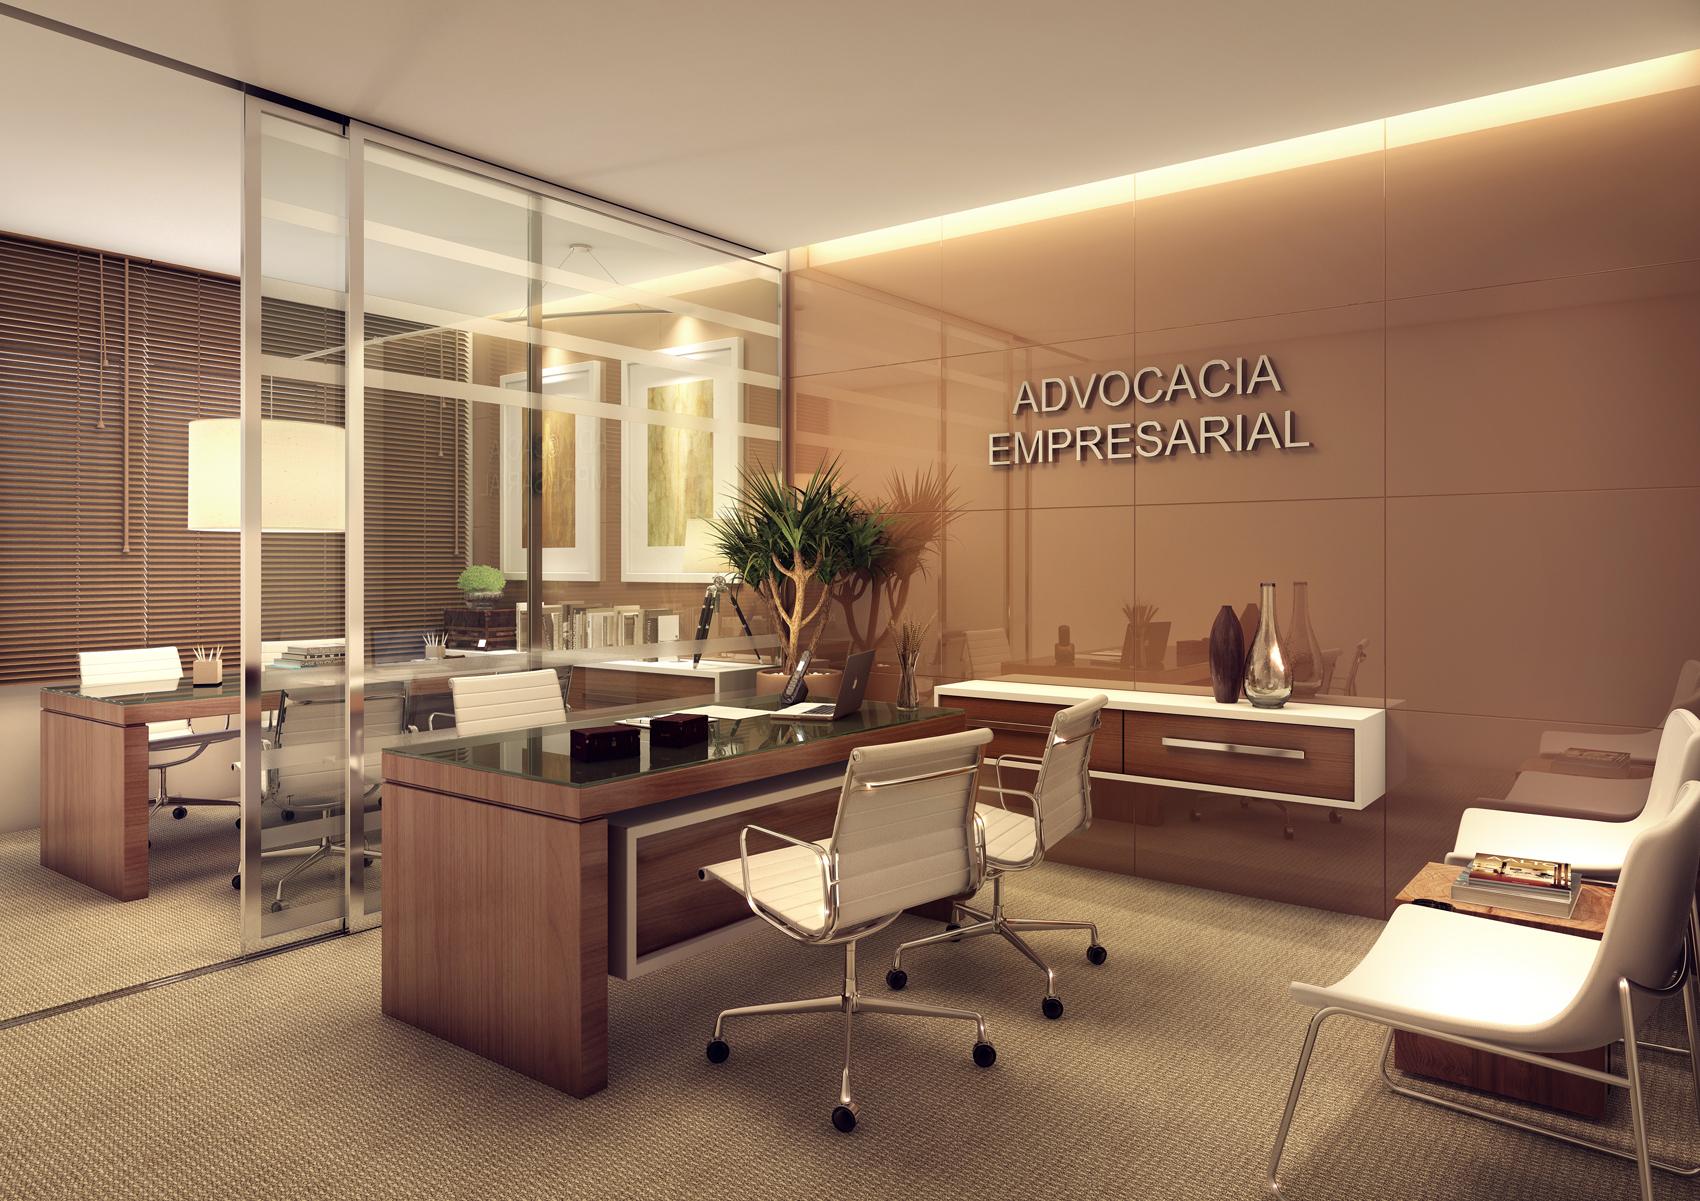 DA VINCI CORPORATE « Muda Arquitetura e Consultoria #9E7E2D 1700x1201